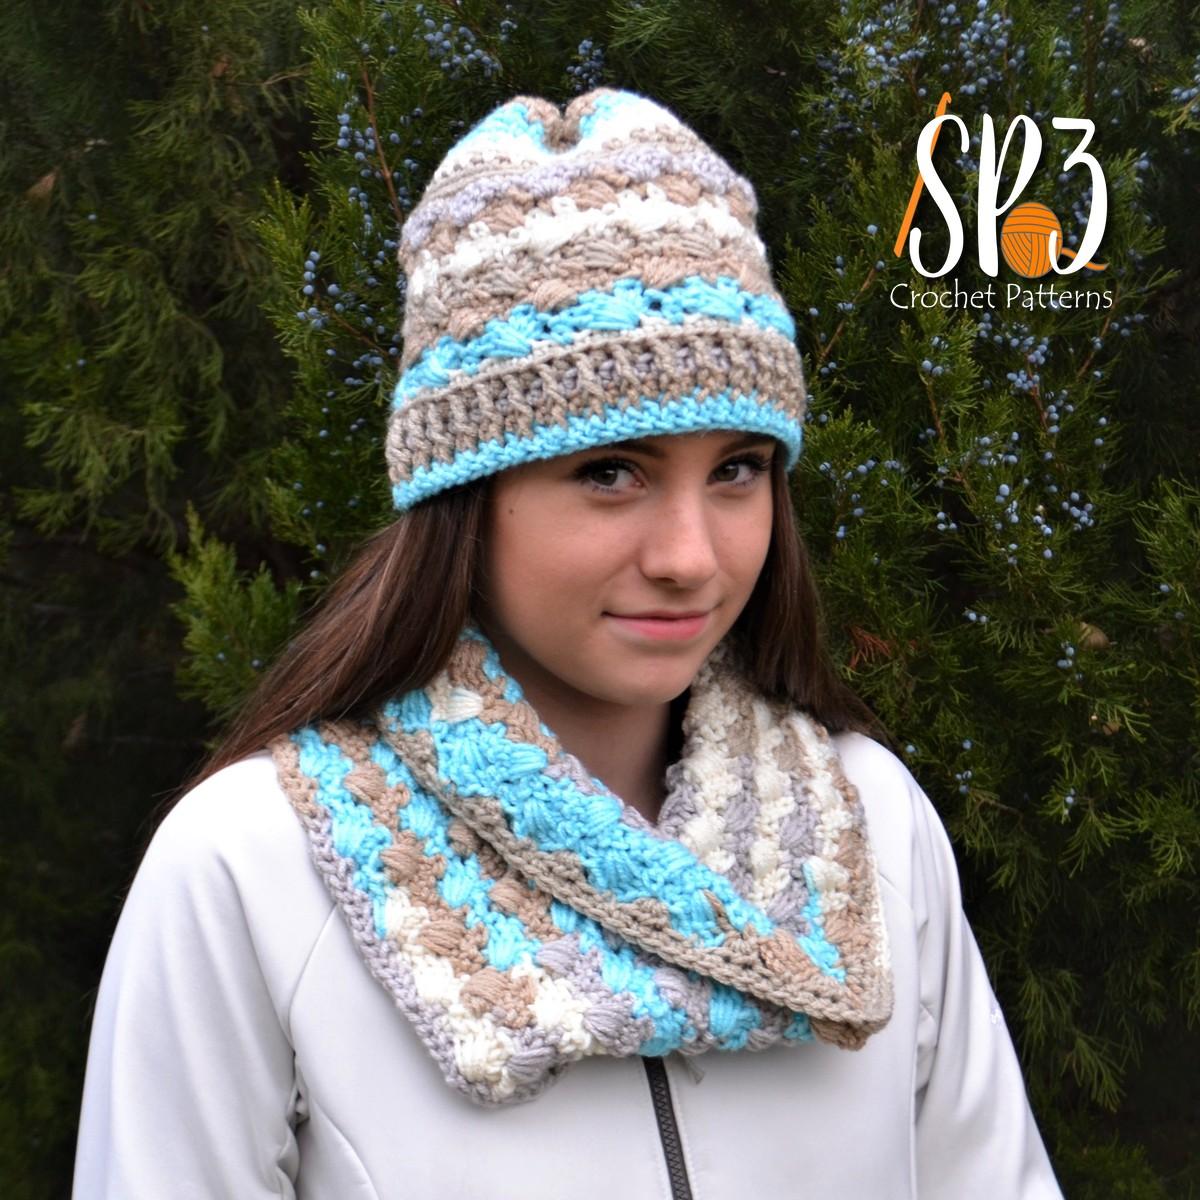 Woven Shells Hat & Cowl Crochet Pattern